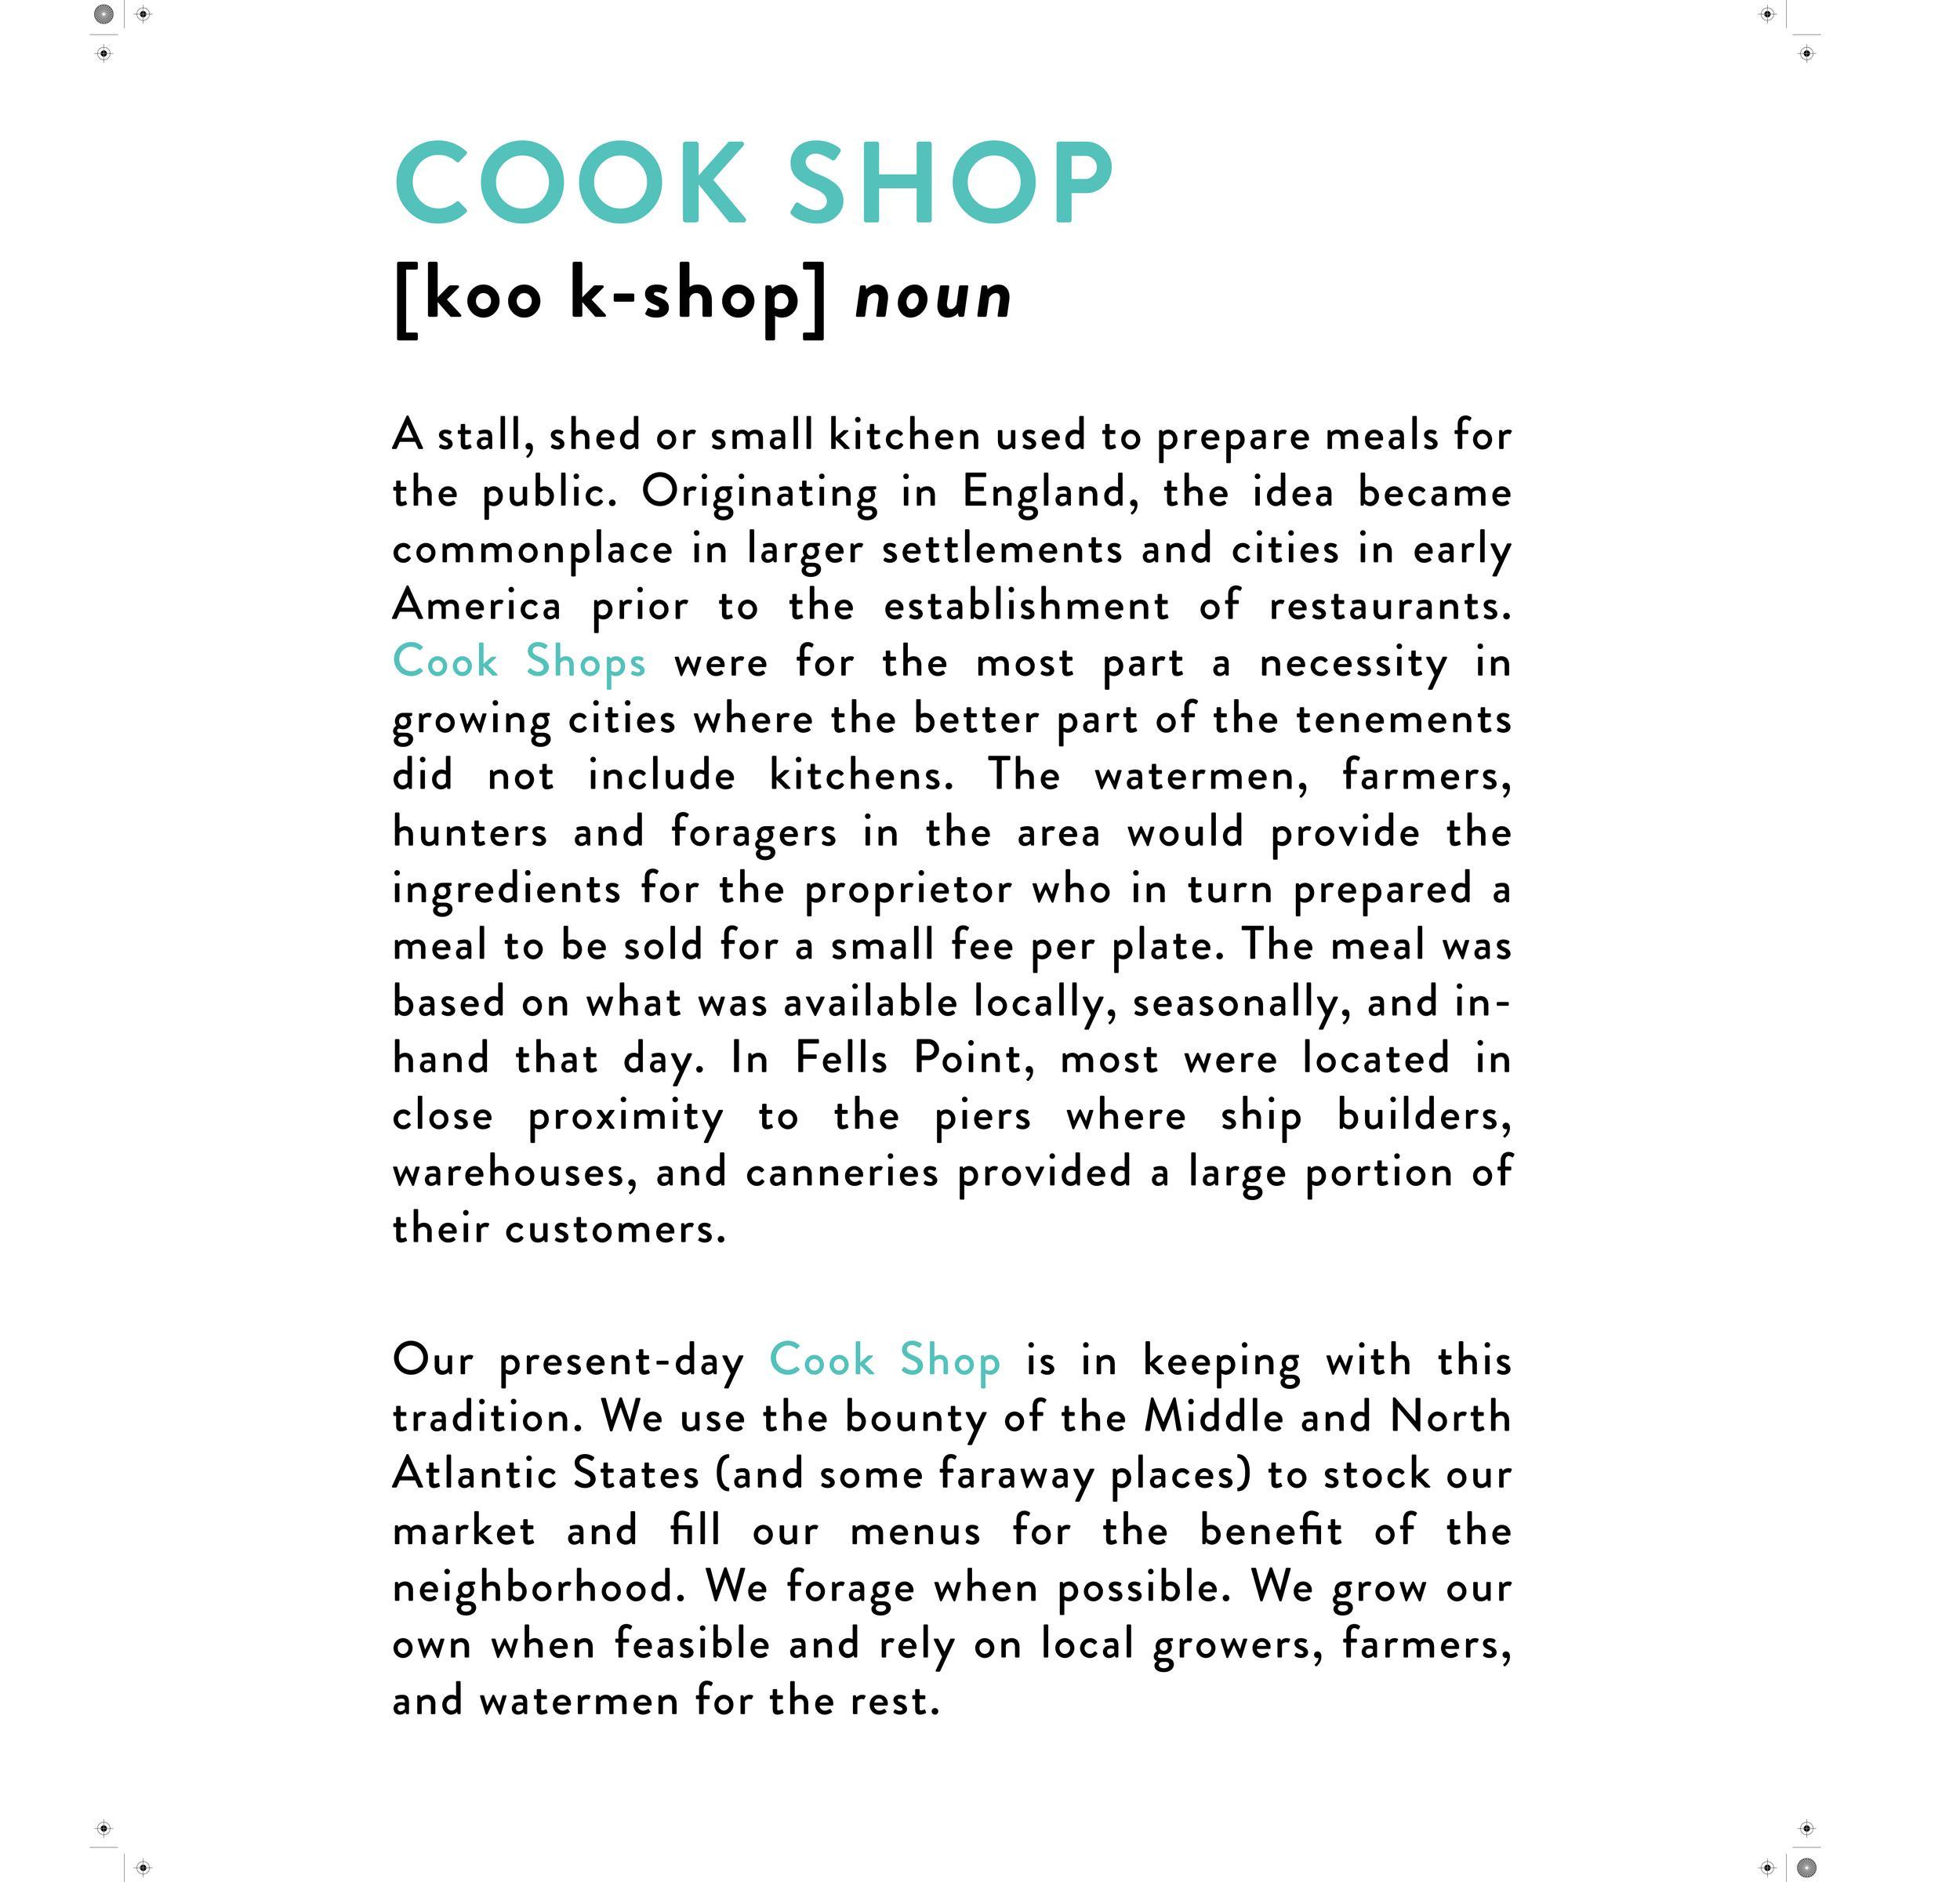 cook shop definition _signage.jpg